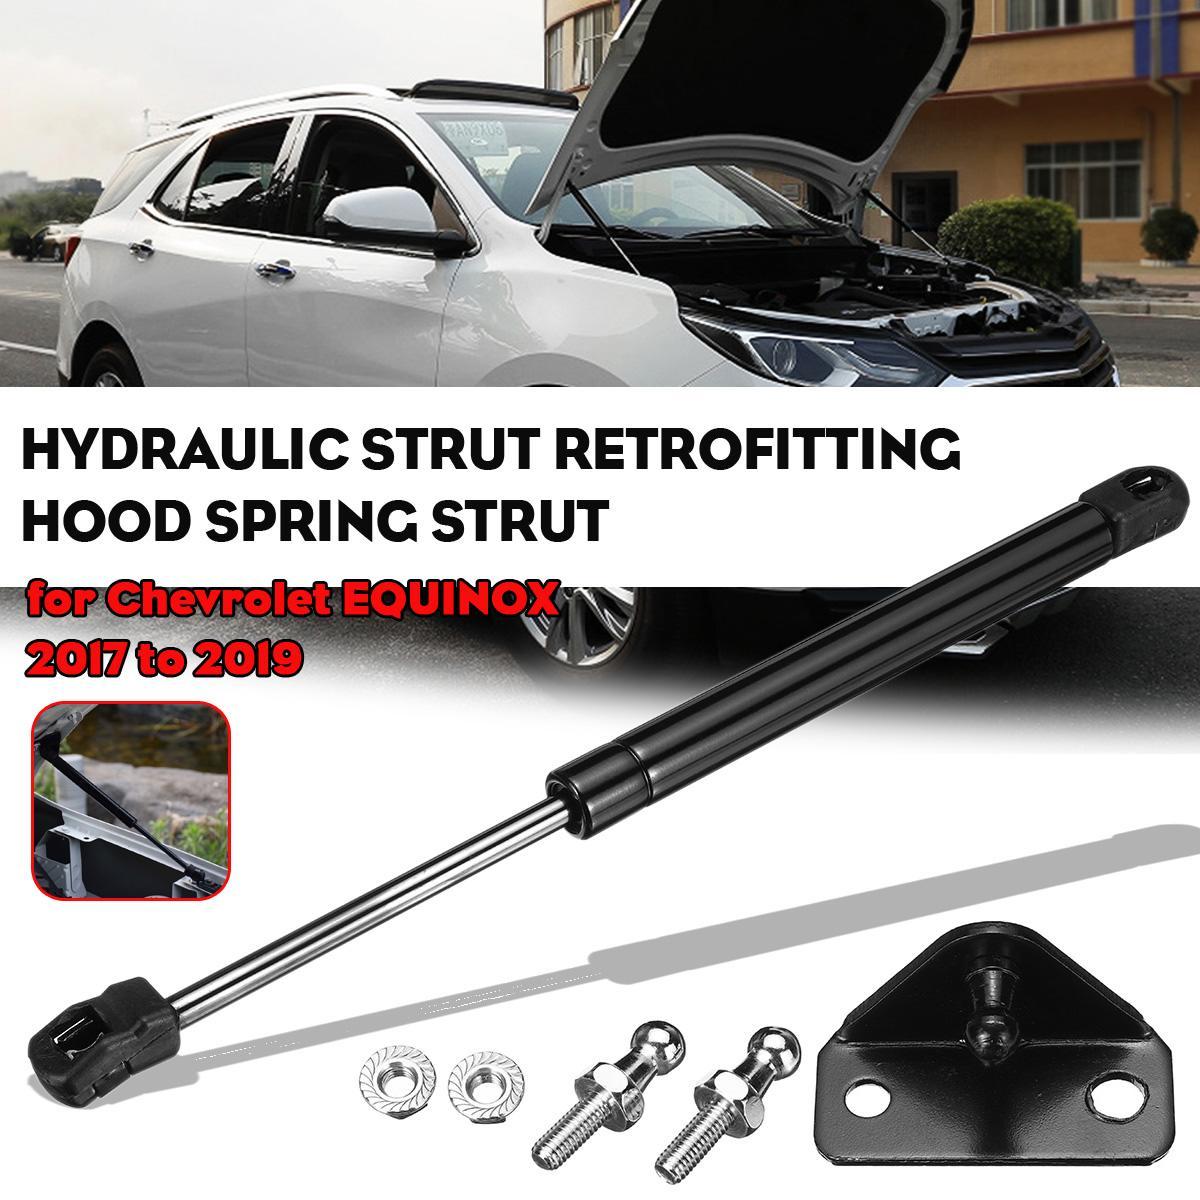 2x Bonnet Hood Lift Supports Shock Strut for Chevrolet Camaro Firebird 1982-1992